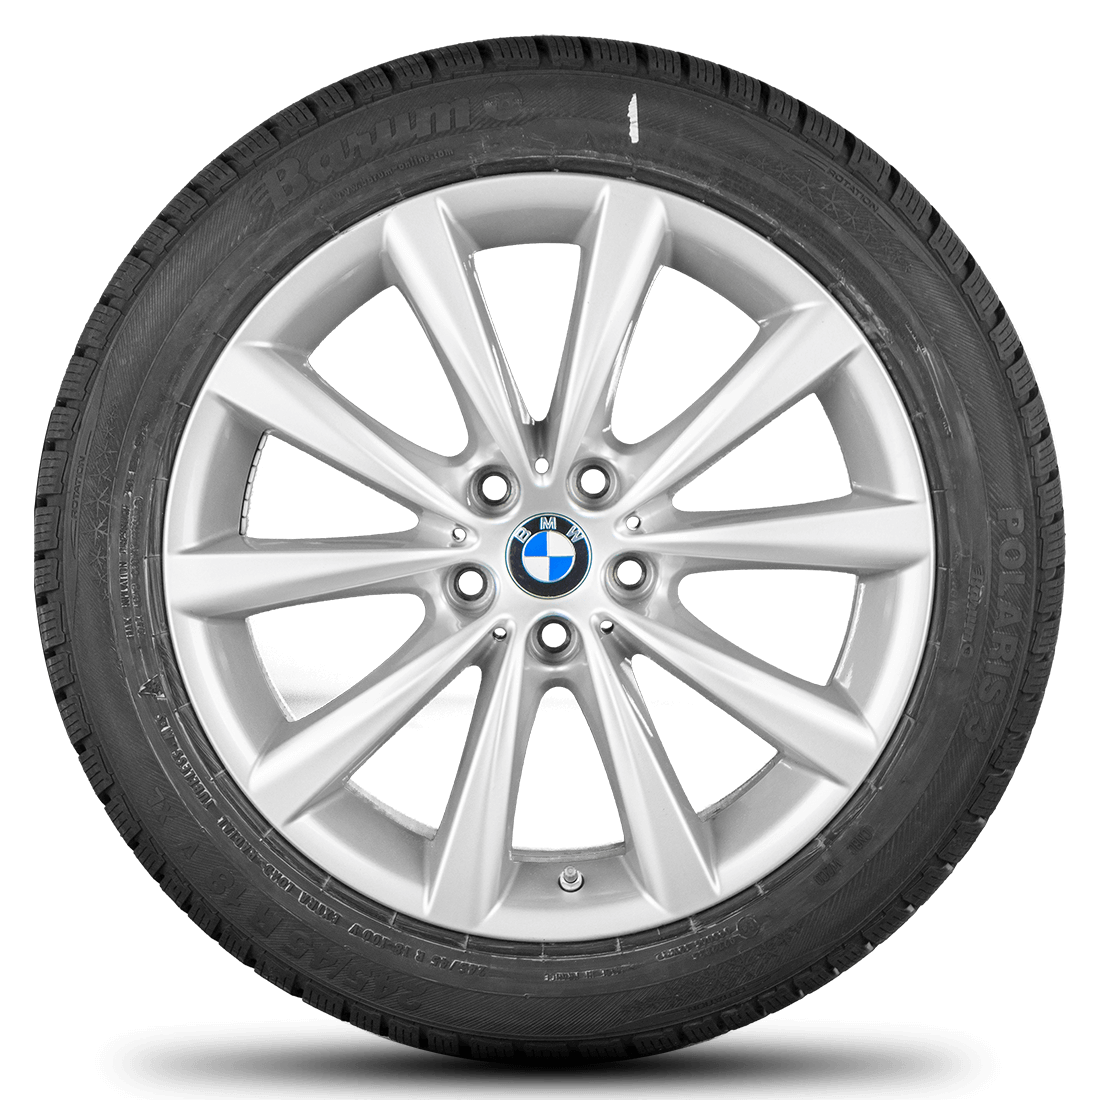 BMW 5er G30 G31 18 Zoll Alufelgen Felgen Winterreifen Winterräder Styling 642